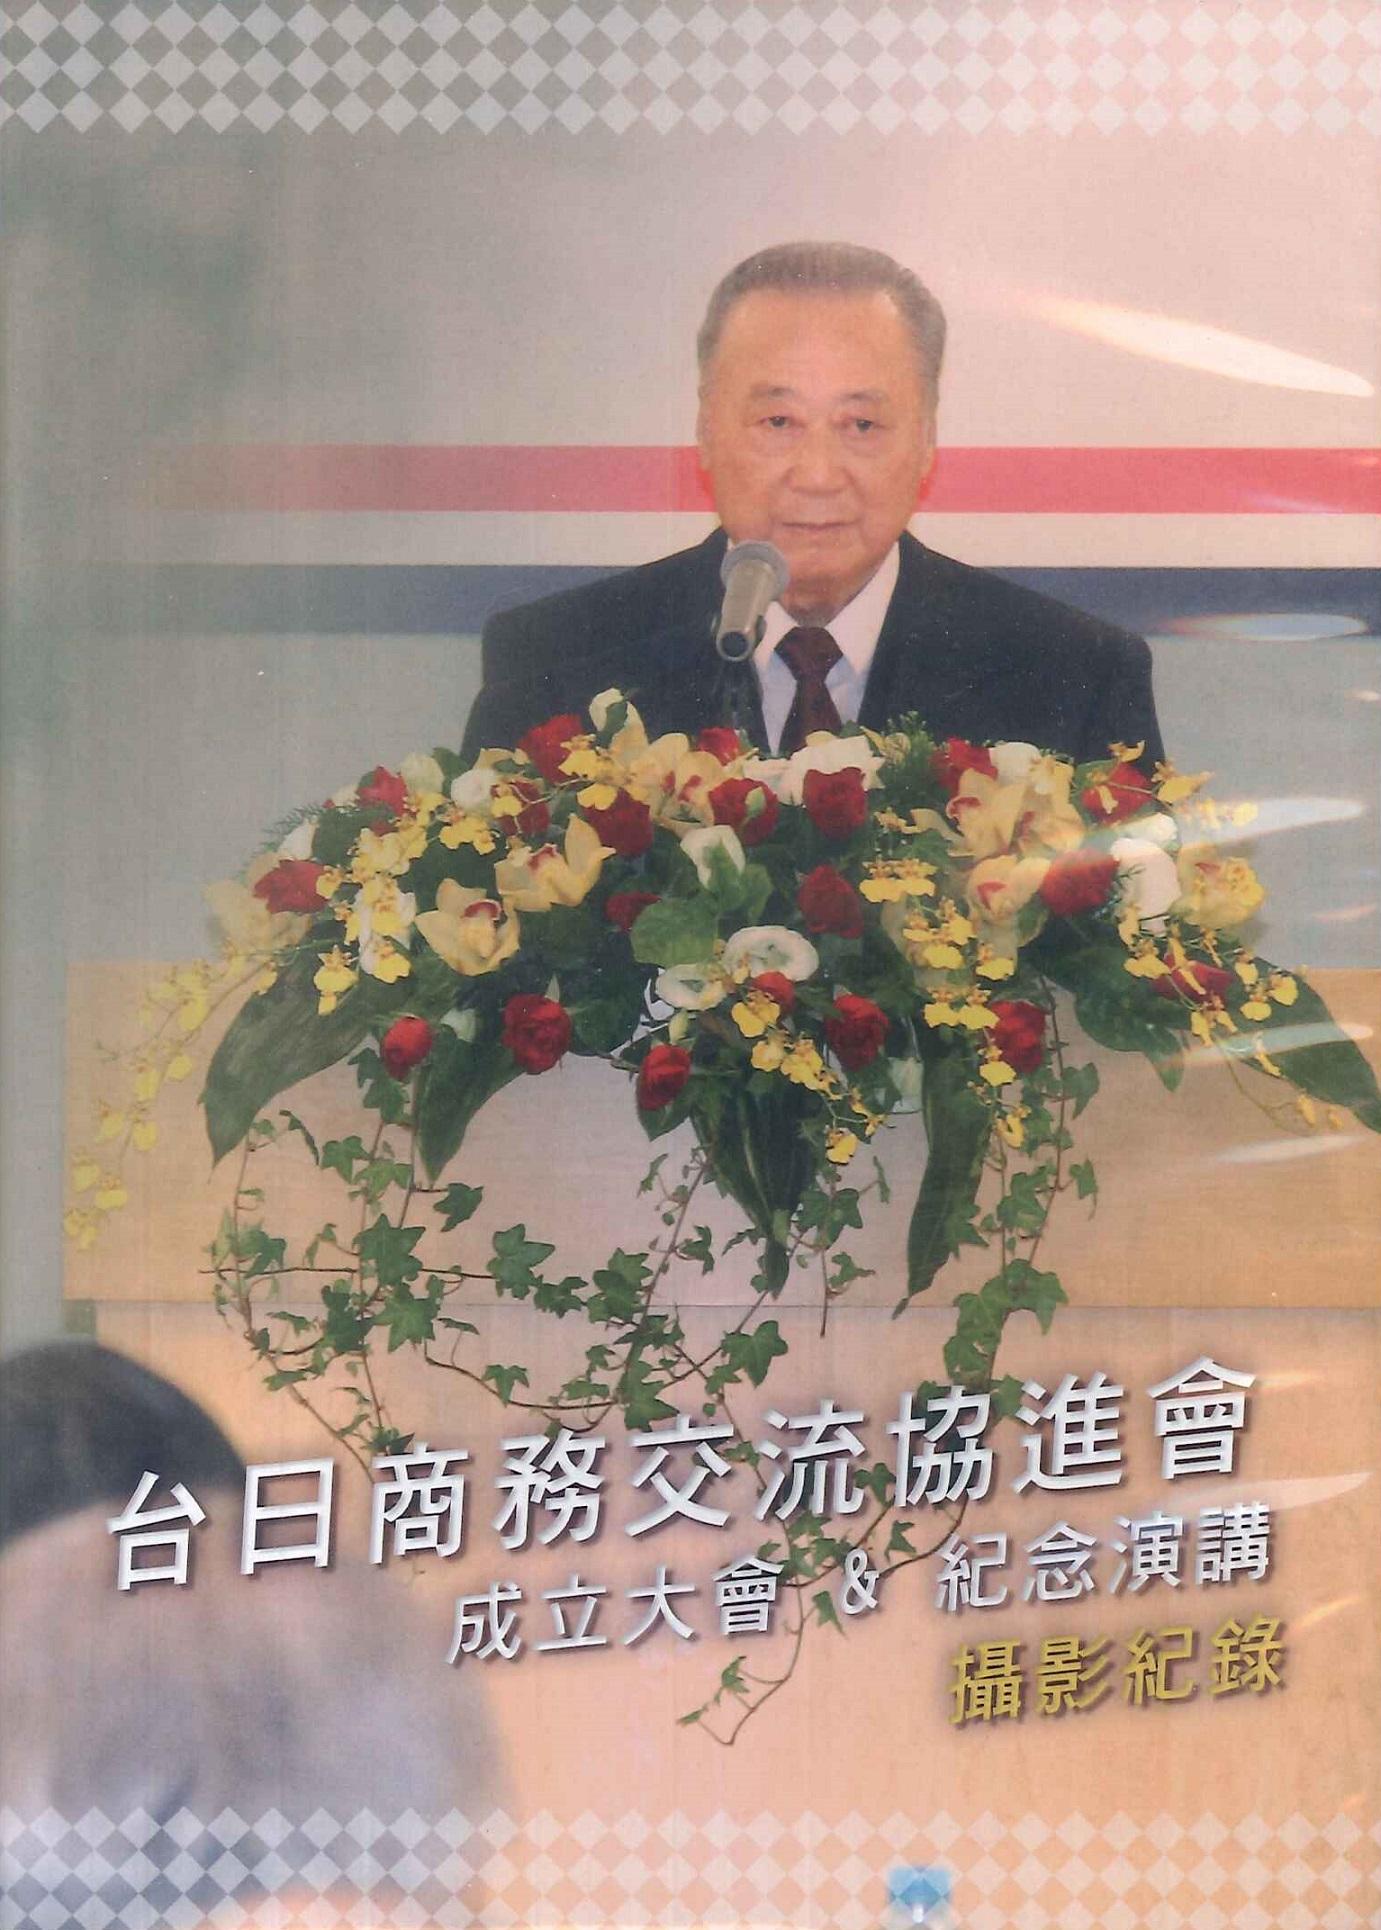 台日商務交流協進會成立大會&紀念演講 [錄影資料]:攝影紀錄